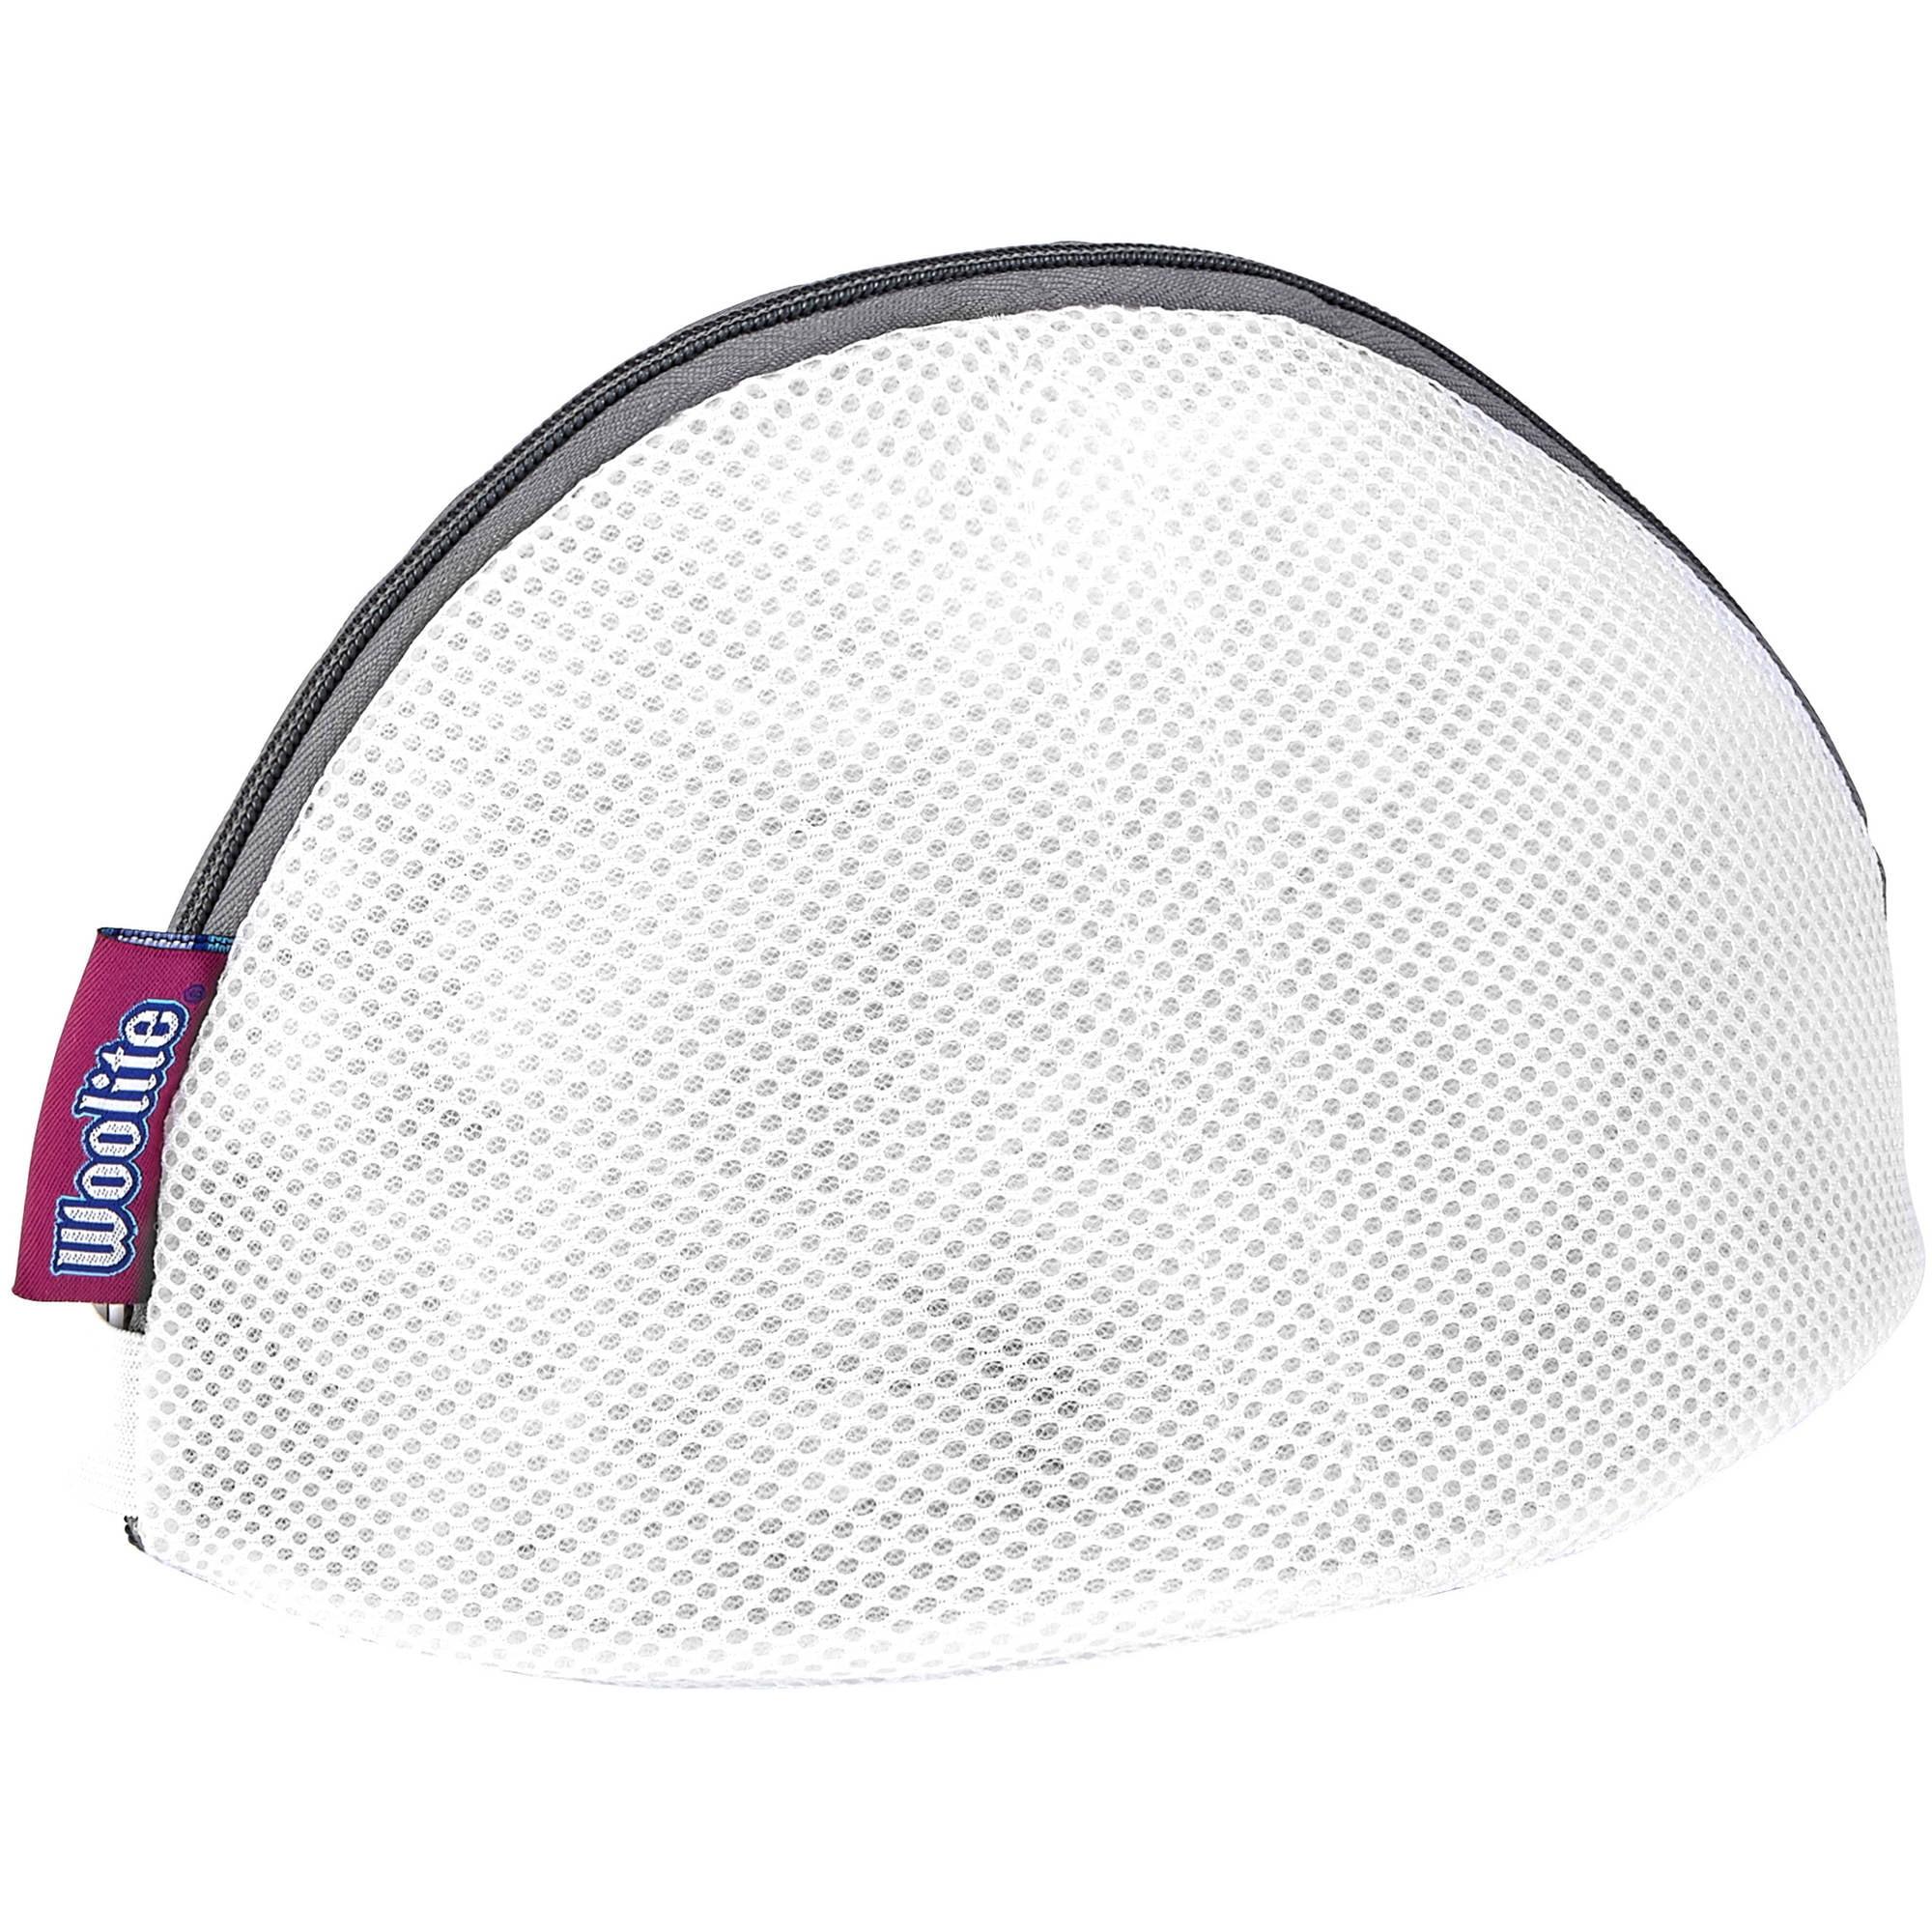 Woolite Sanitized XL Multi-Bra Mesh Wash Bag